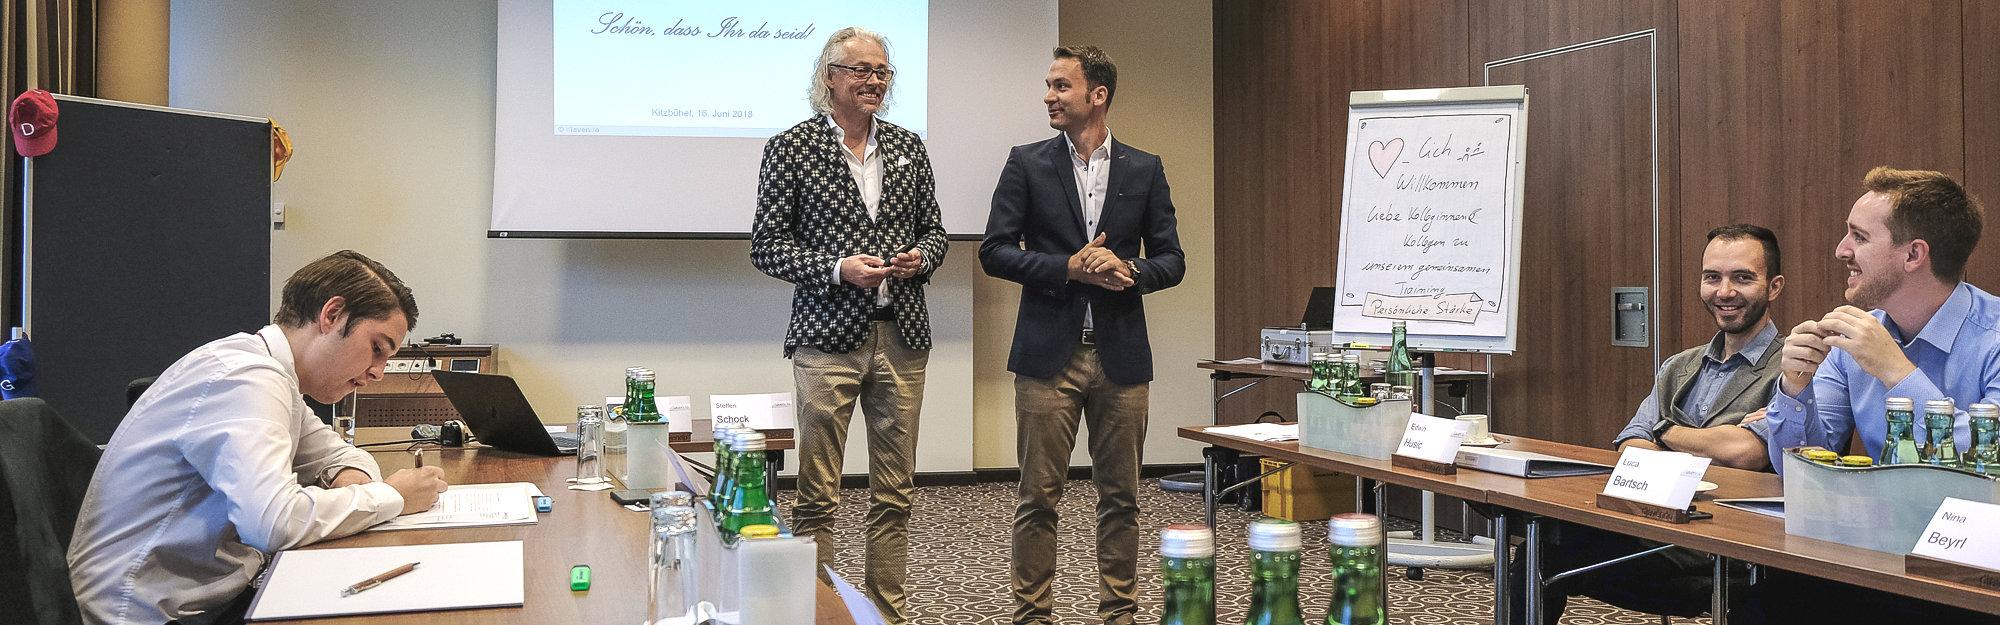 Bernhard Patter & Steffen Schock im Training